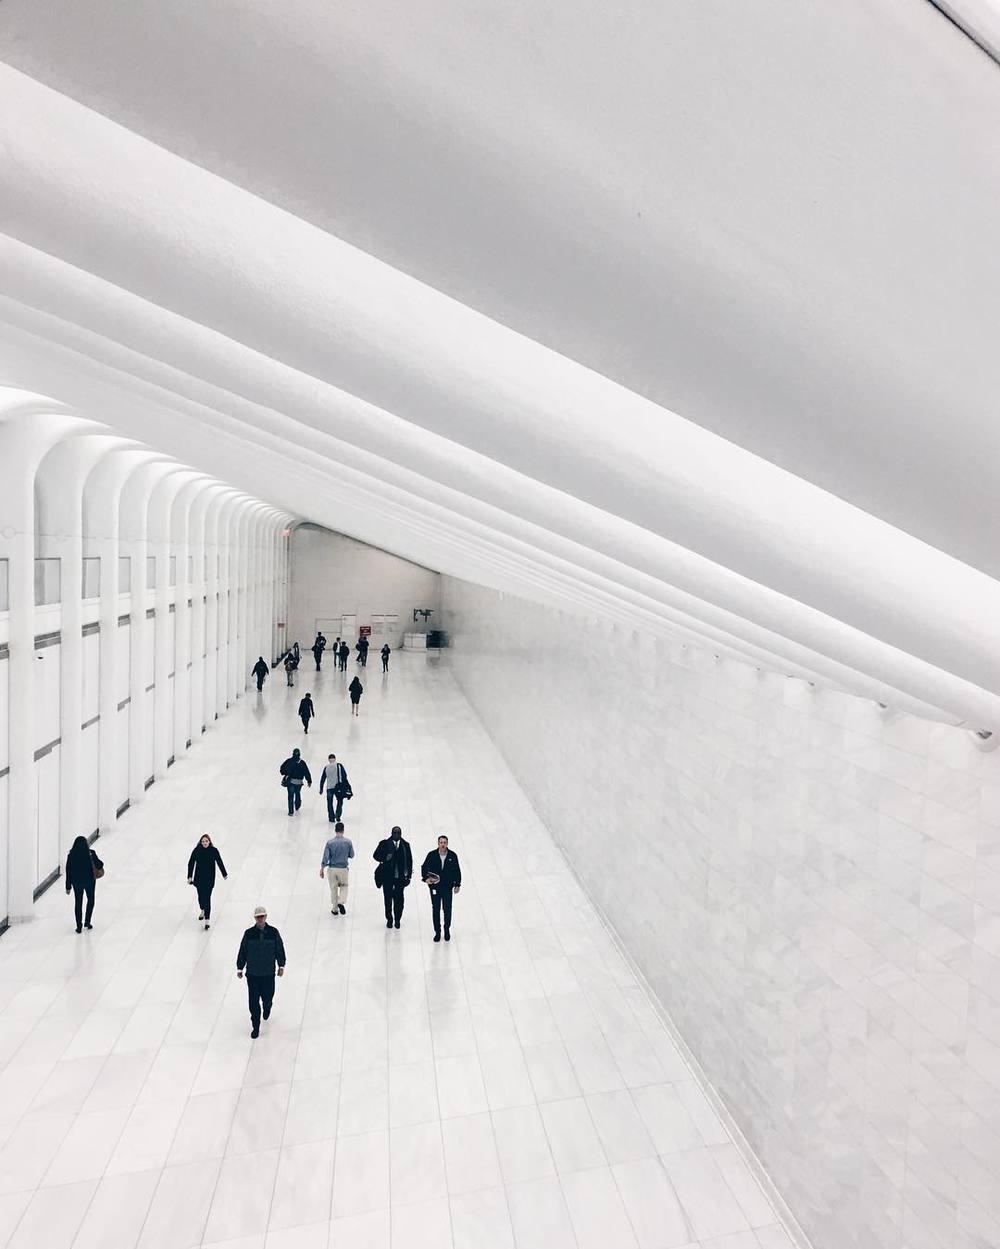 Corridor__vscocam__worldtradecenter__oculus.jpg